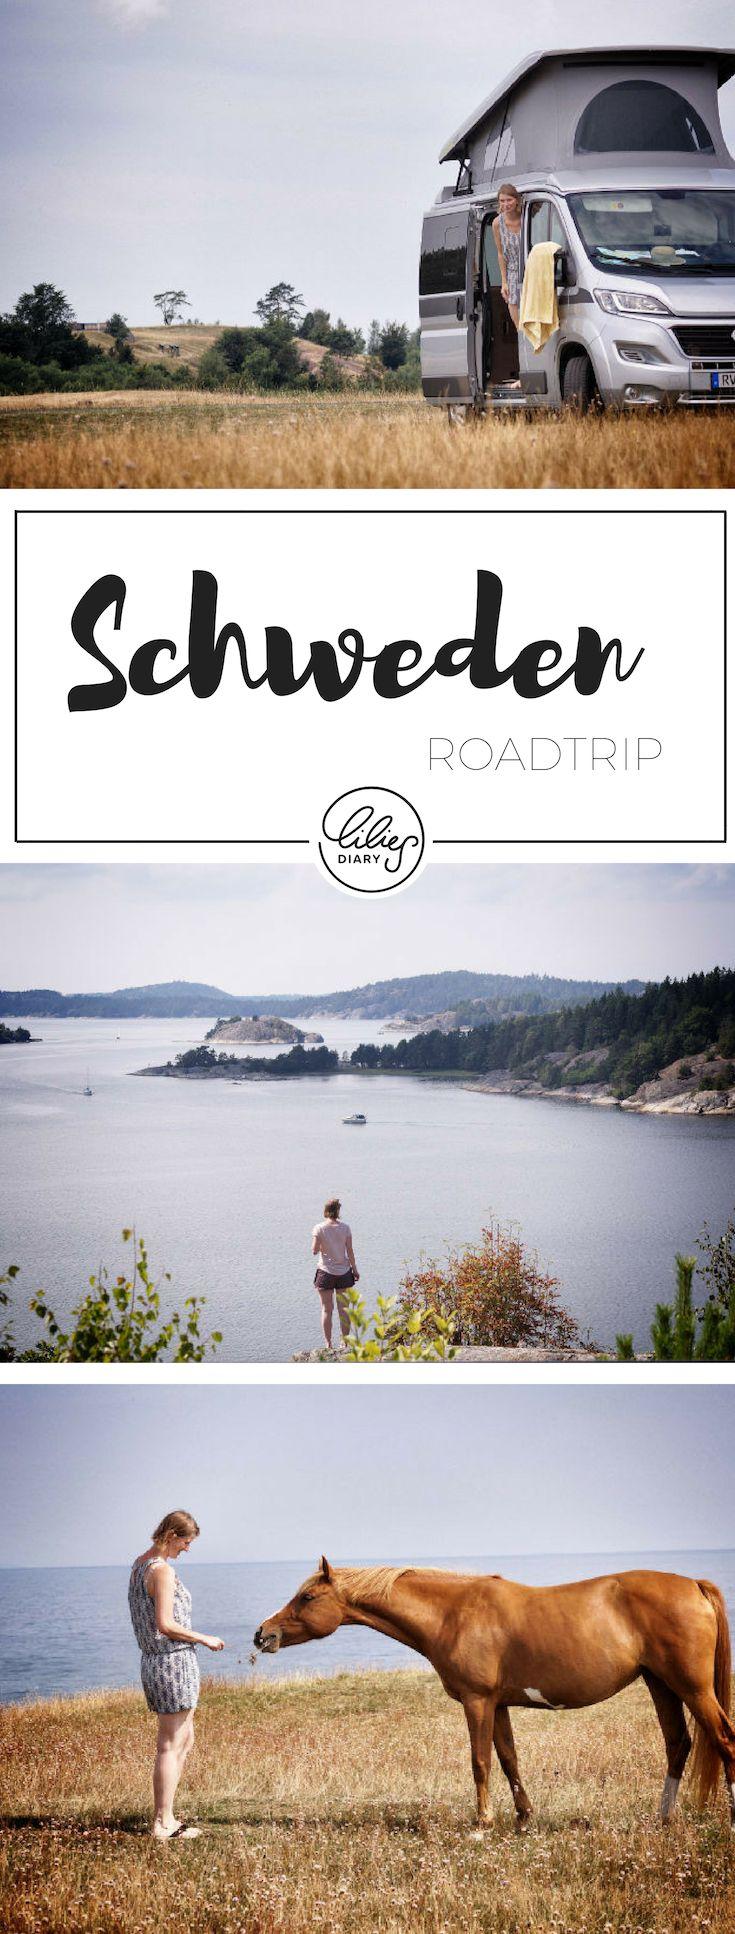 Ein Südschweden Roadtrip – Reisetipps für deinen Schweden Urlaub – More is Now – Familienküche